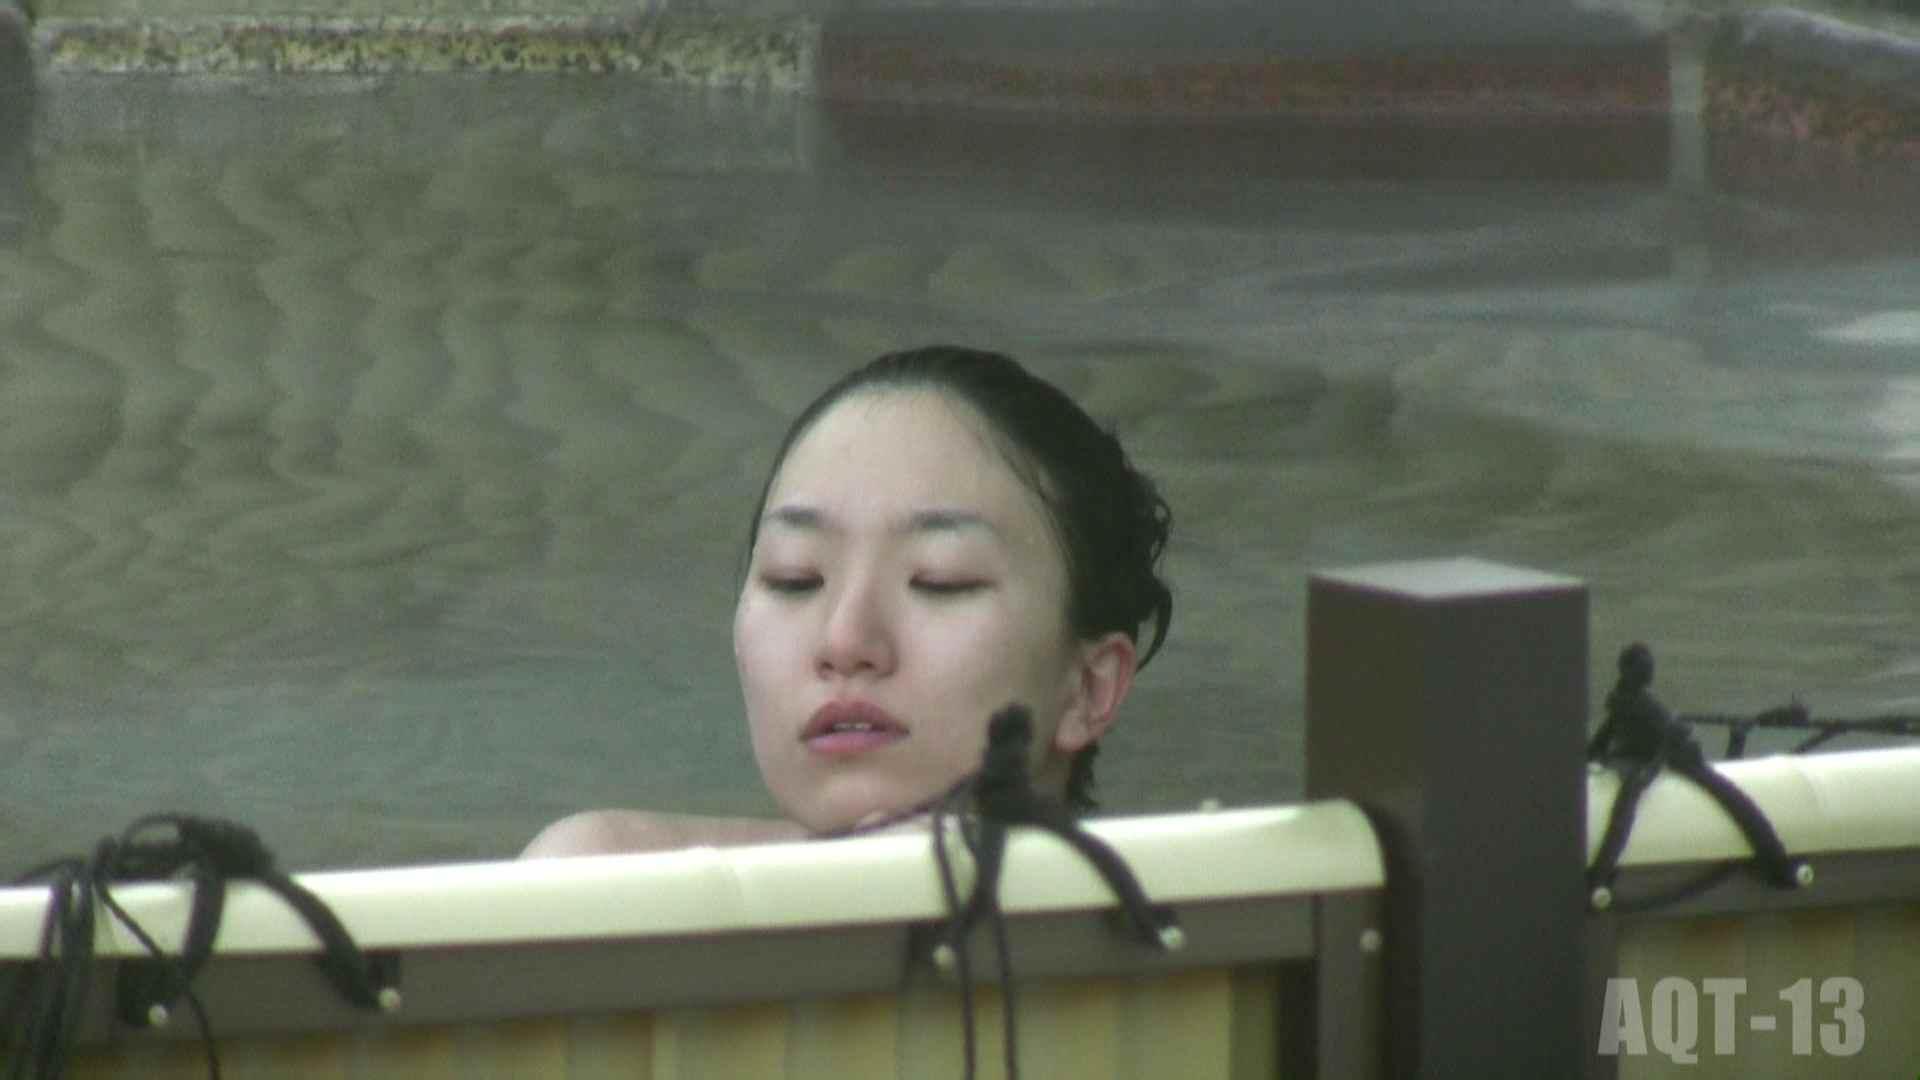 Aquaな露天風呂Vol.818 盗撮 オメコ動画キャプチャ 88画像 35